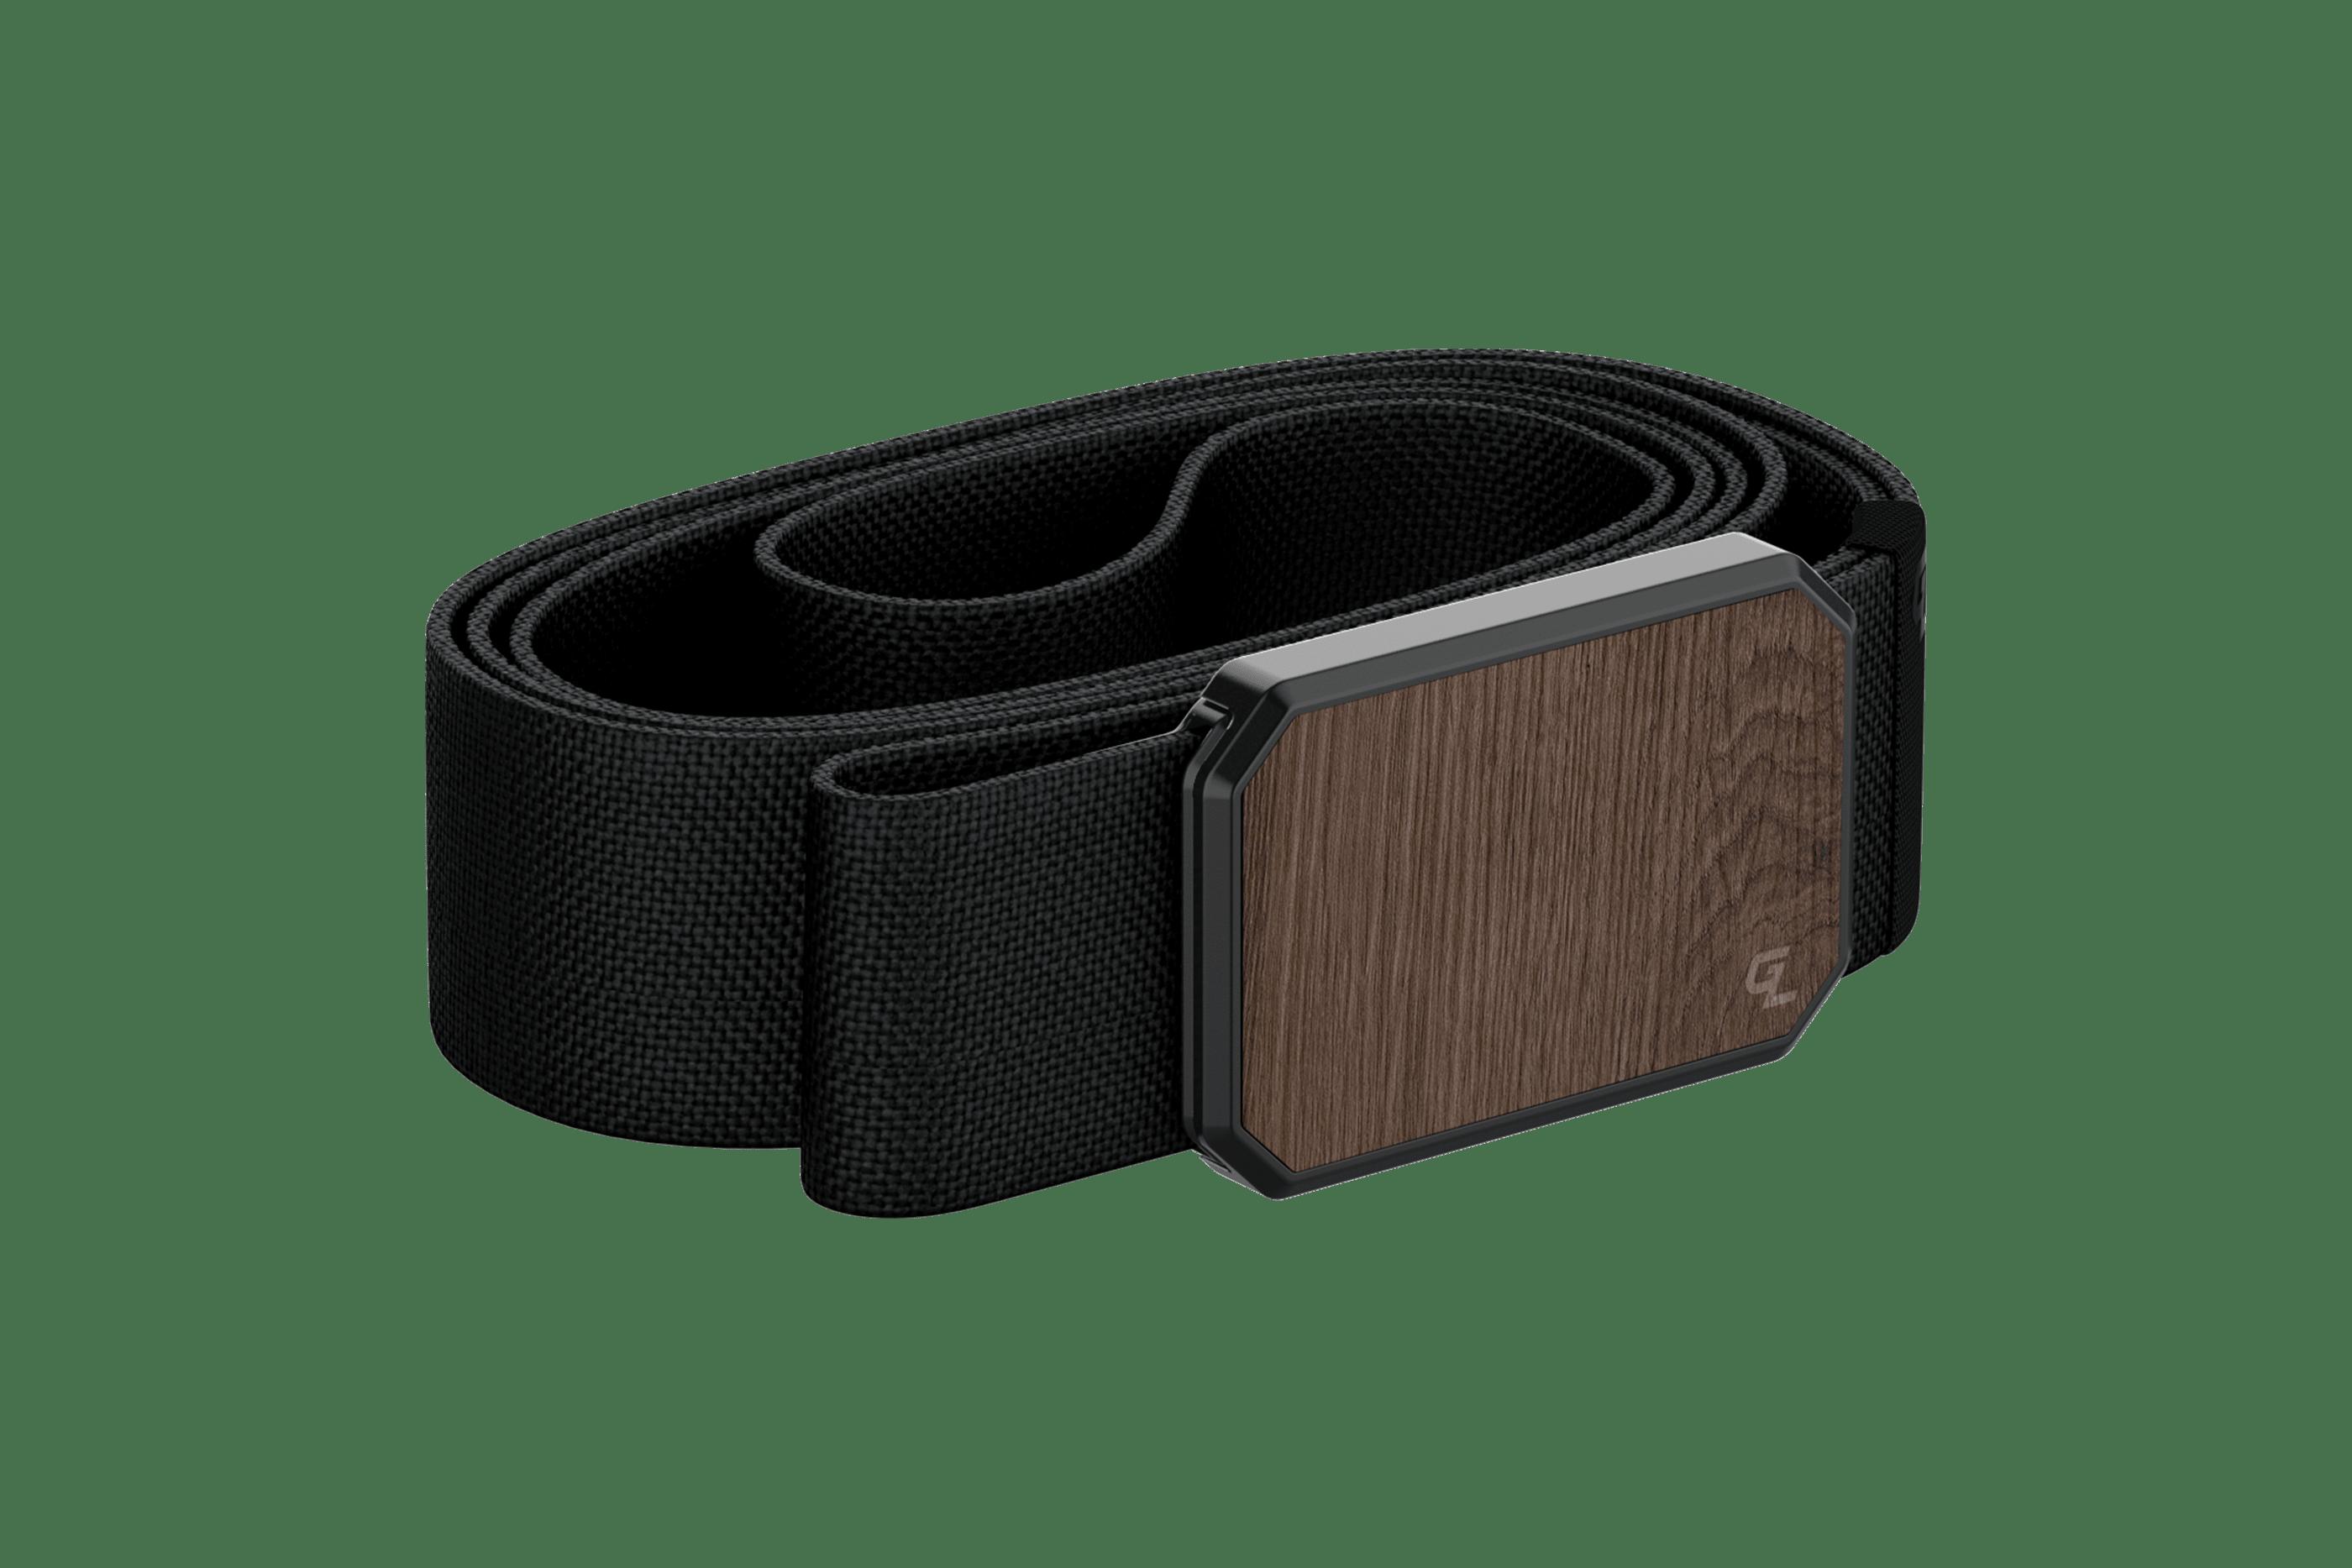 Groove Belt Walnut/Black  viewed from side